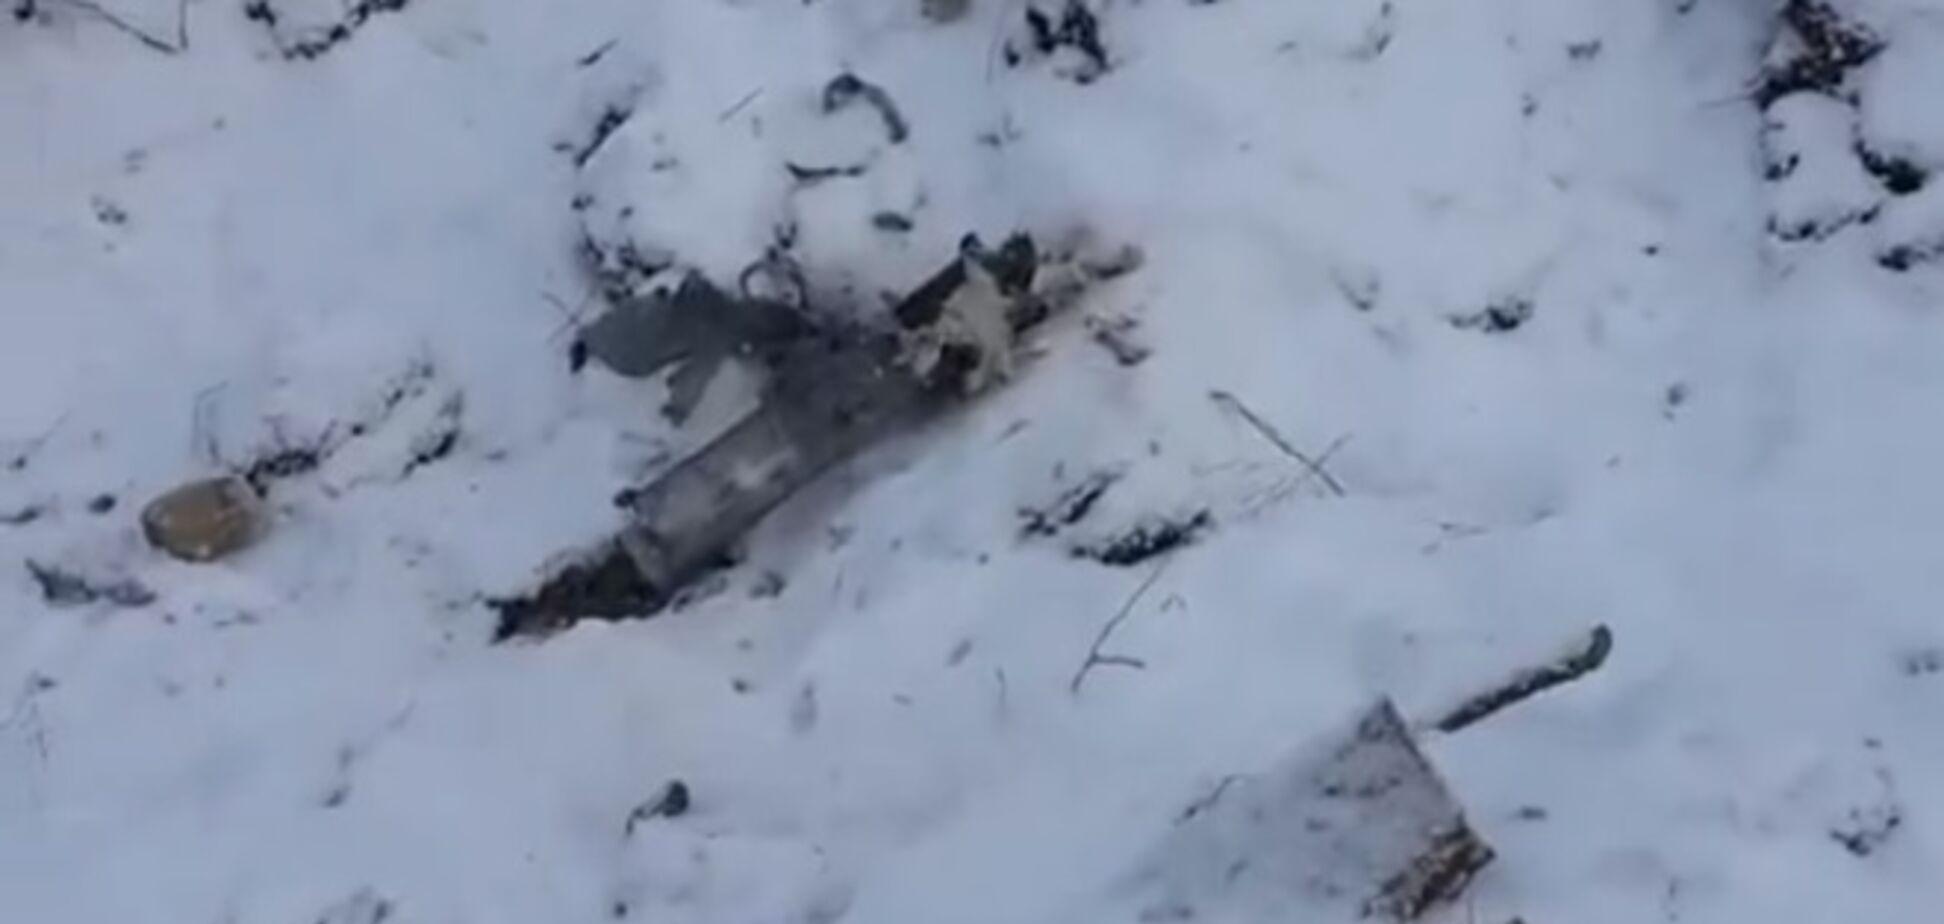 В блиндаж бойцов АТО залетел снаряд 'Града'. Видеофакт